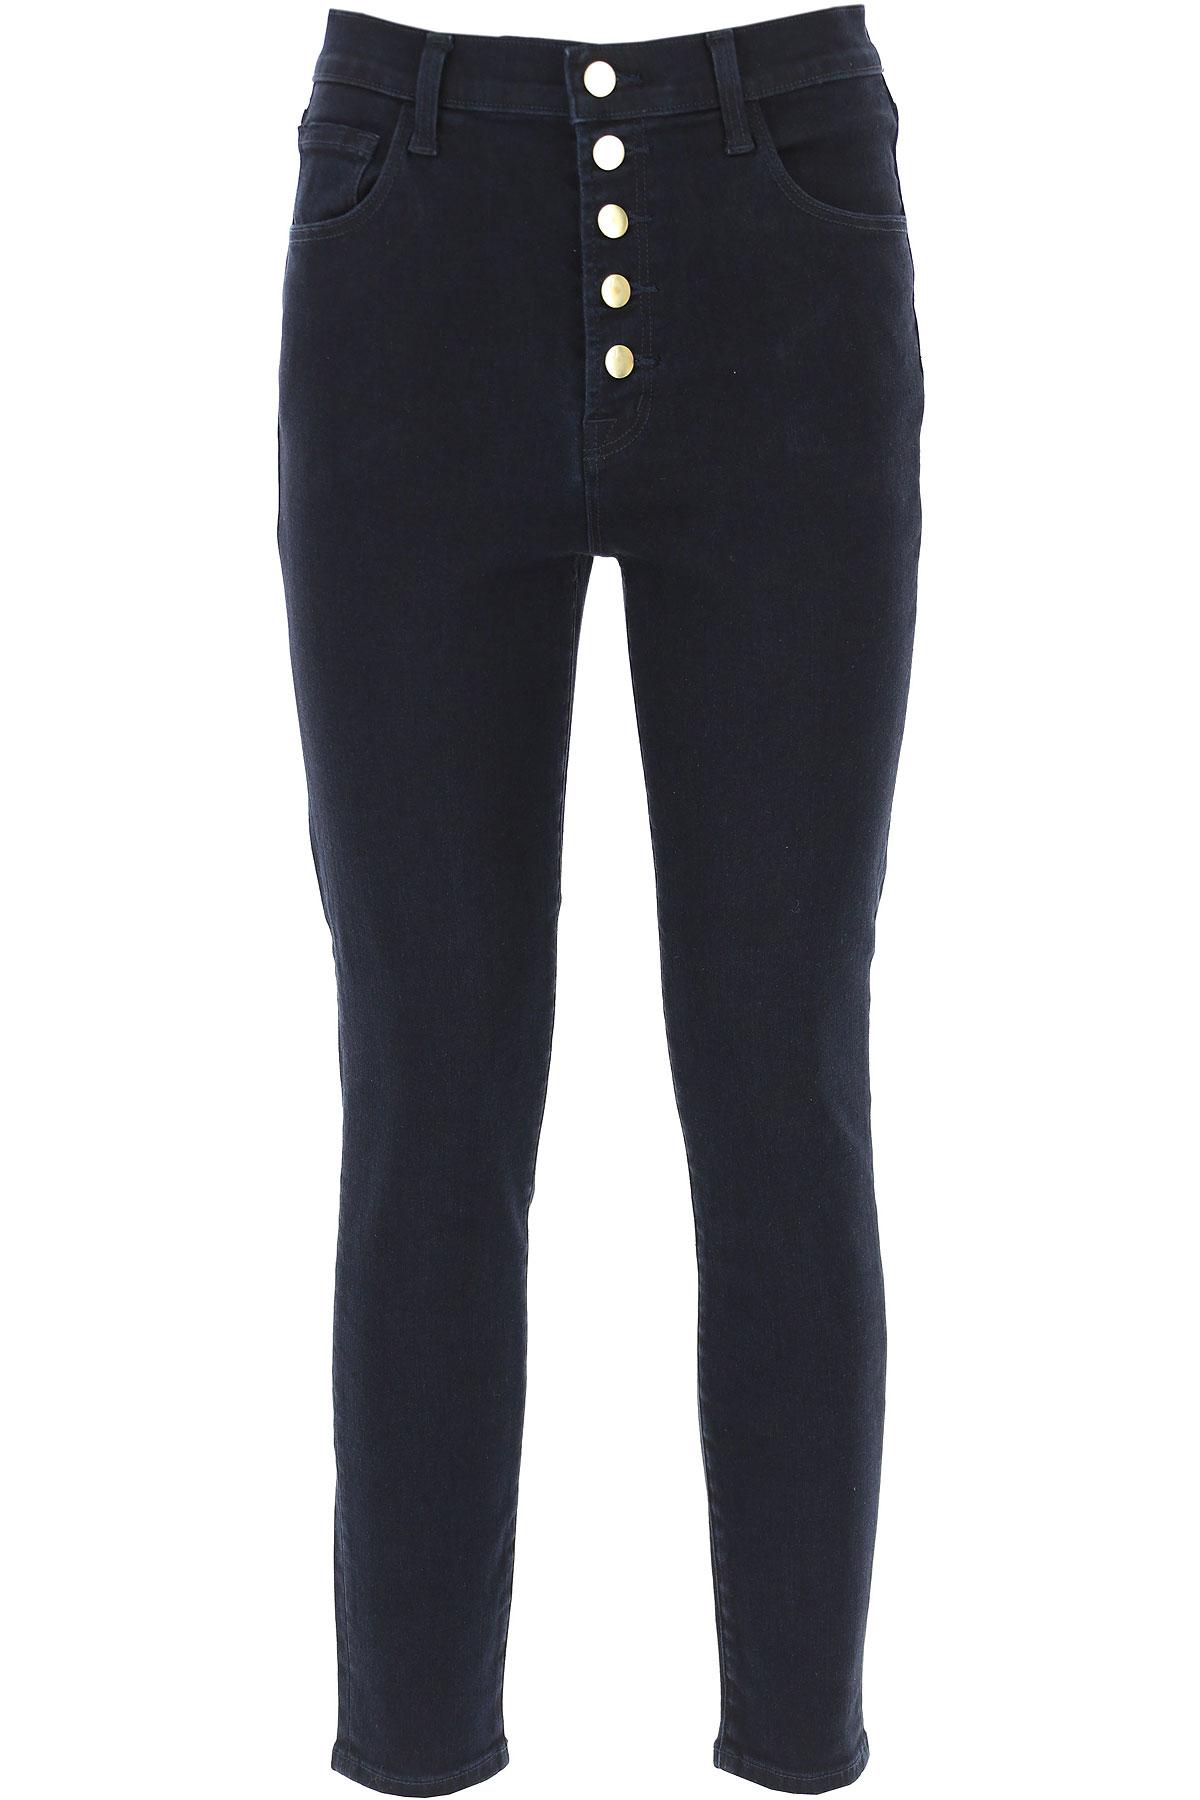 J Brand Jeans On Sale, Navy Blue, Cotton, 2019, 27 30